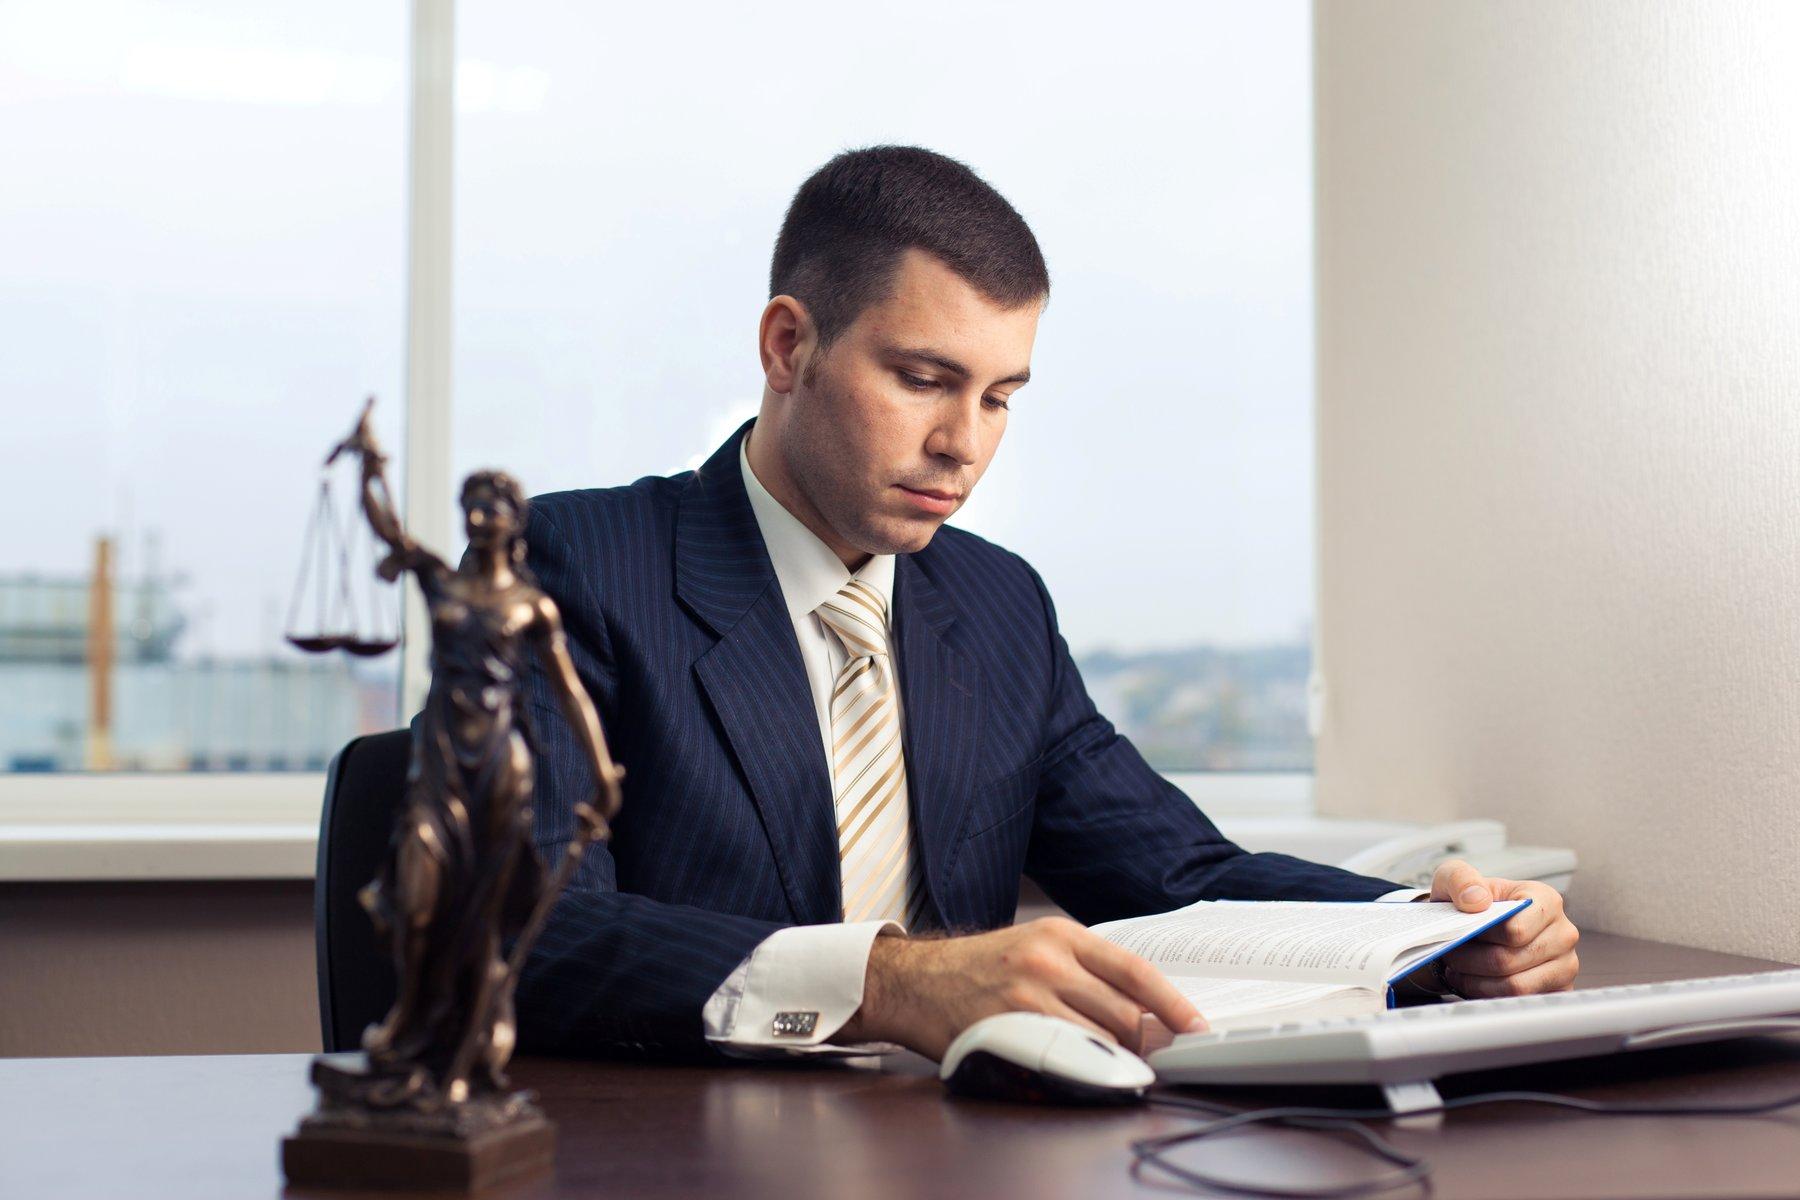 俄罗斯留学的法学专业介绍|俄罗斯留学|法律|法学专业